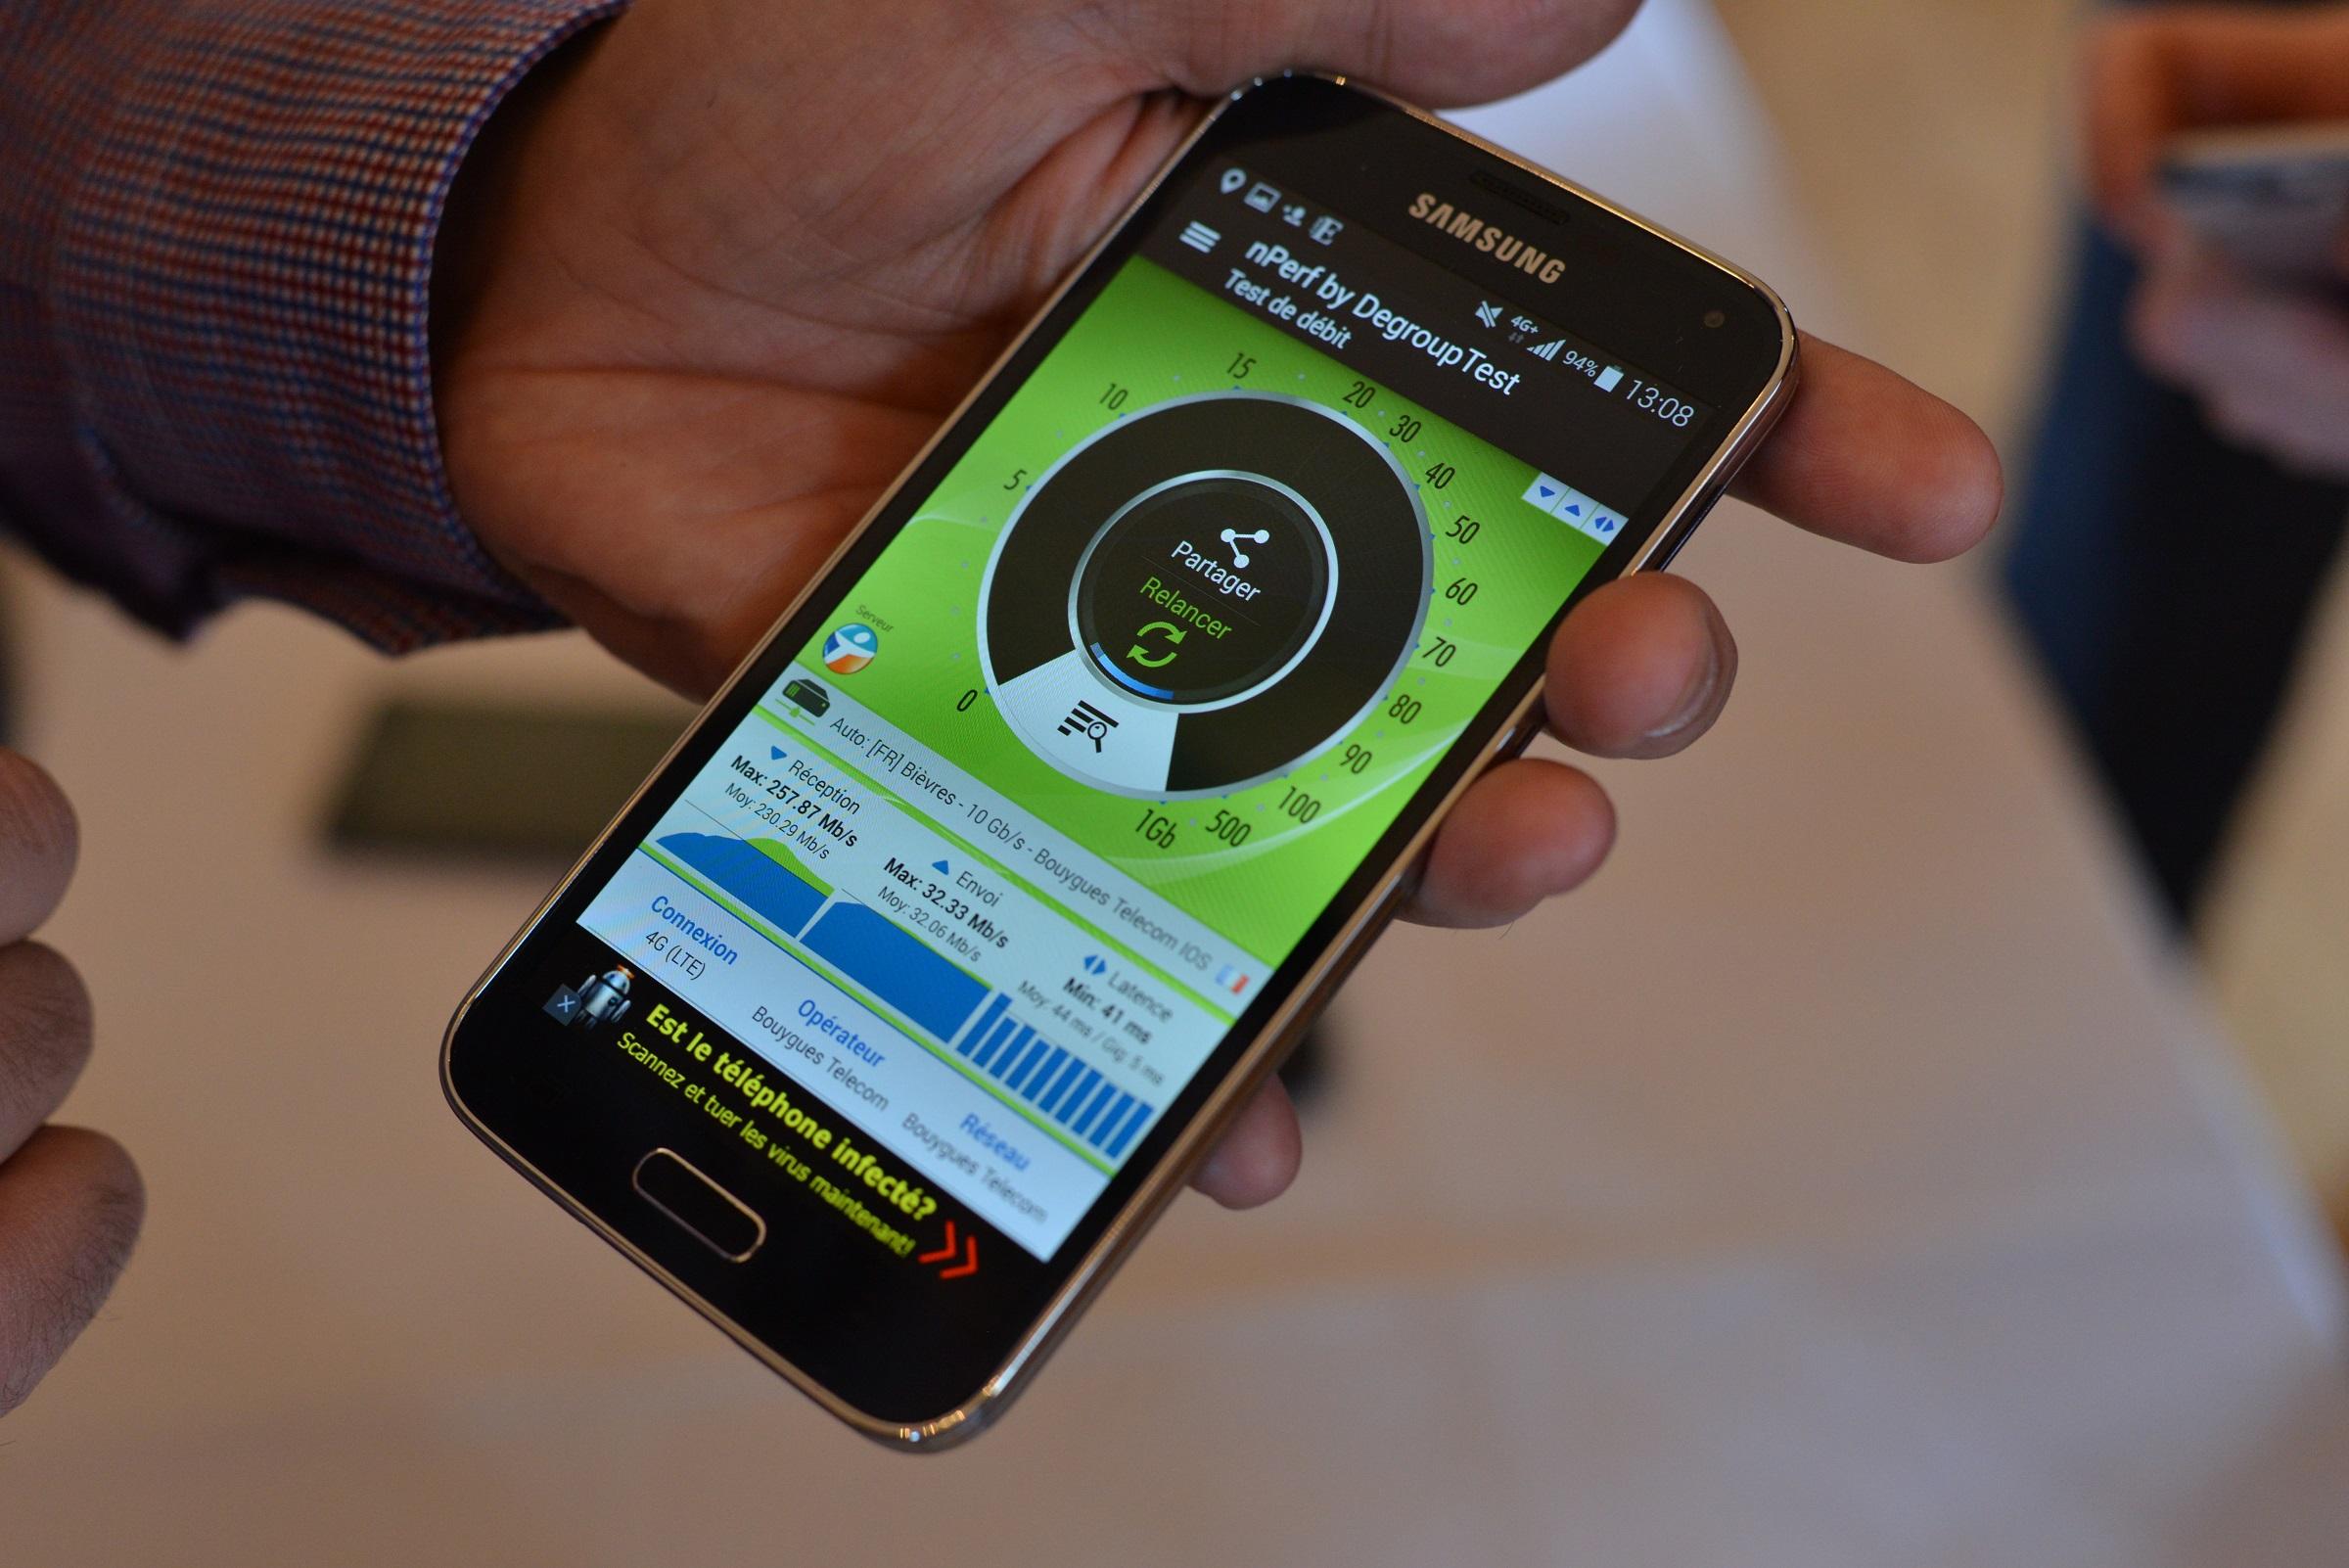 Classement des meilleures connexions internet mobiles en France en 2017 selon nPerf